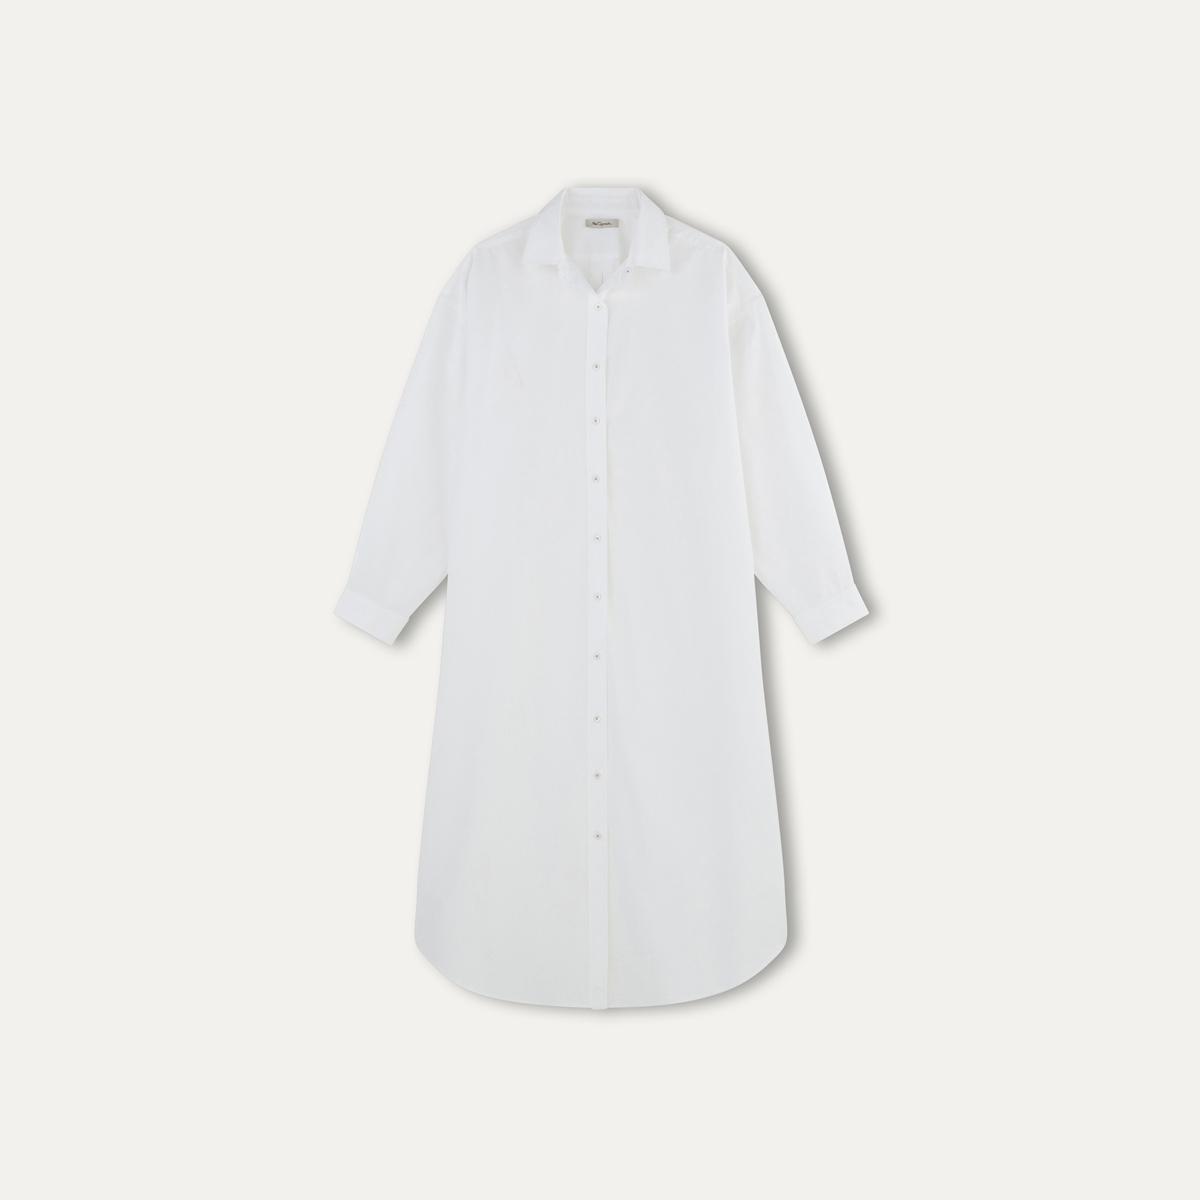 Платье-рубашка KAMISETA LONGПлатье-рубашка длинное - модель KAMISETA LONG 100% хлопок. Рубашечный воротник. Застежка на пуговицы спереди и манжет . длинные рукава. Прямой покрой. Закругленный низ.   Состав и описание:    Материал : 100% хлопок   Марка : MES DEMOISELLES<br><br>Цвет: белый,зелено-синий